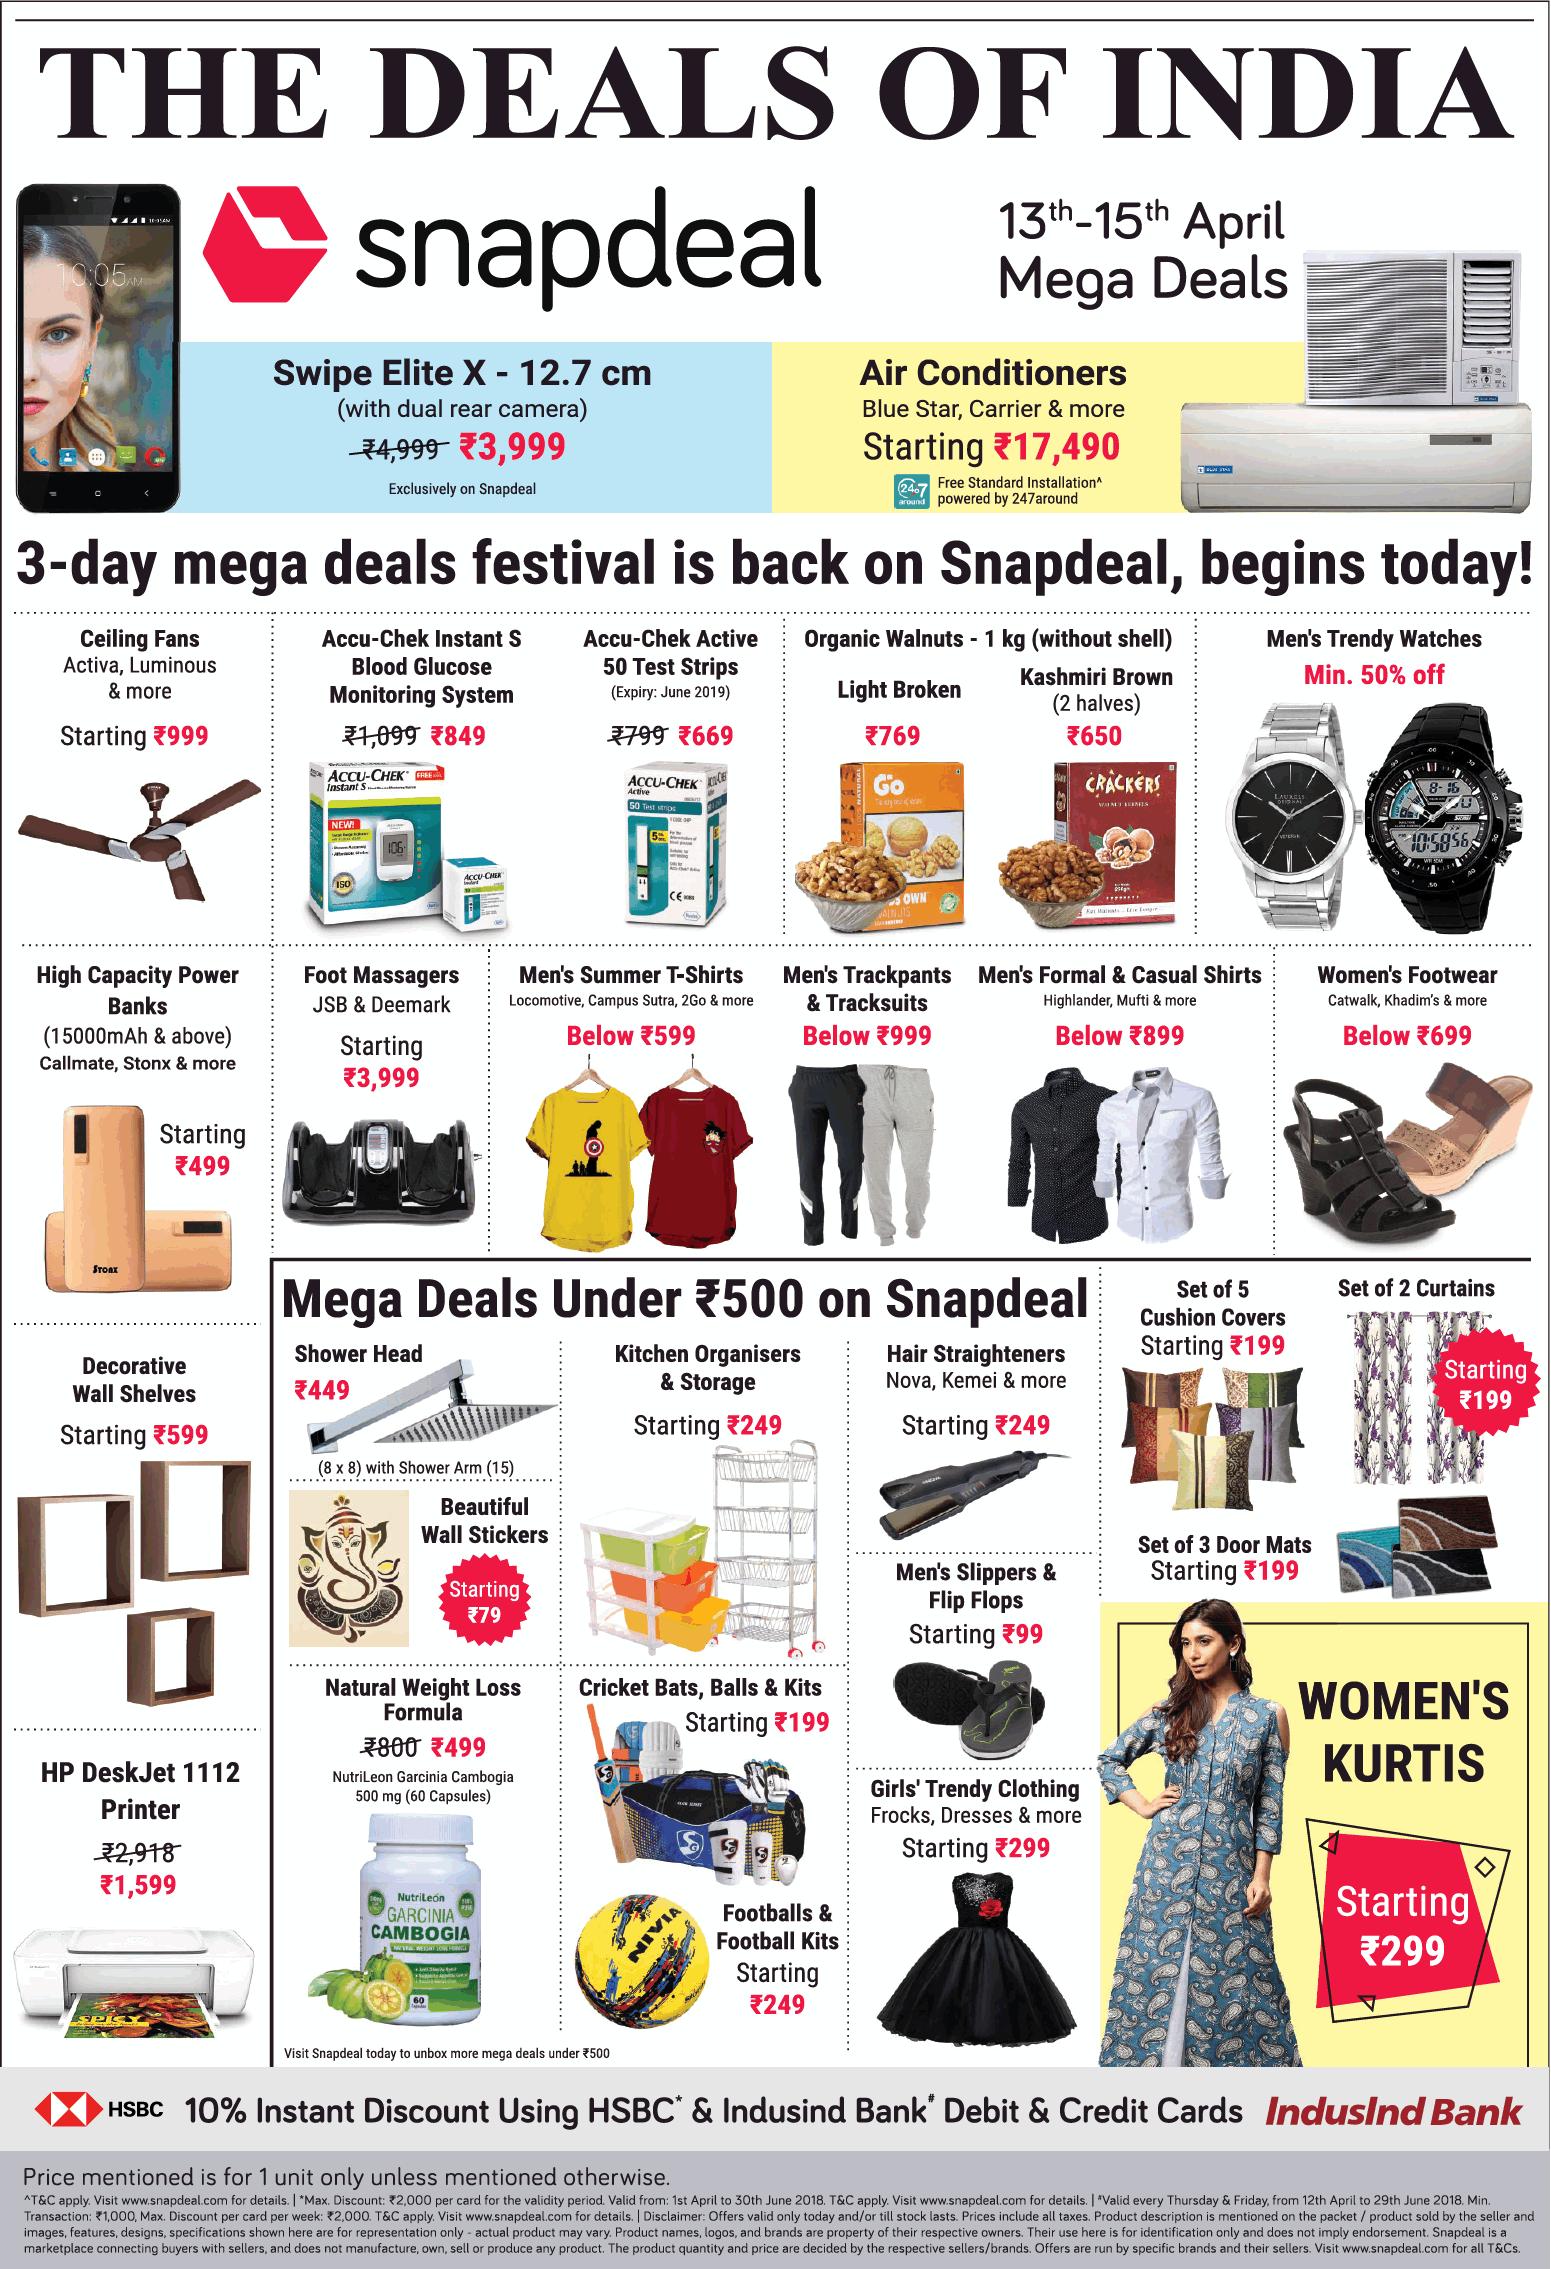 8c71d8a3c9e Snapdeal The Deals Of India 13Th To 15Th April Mega Deals Ad ...